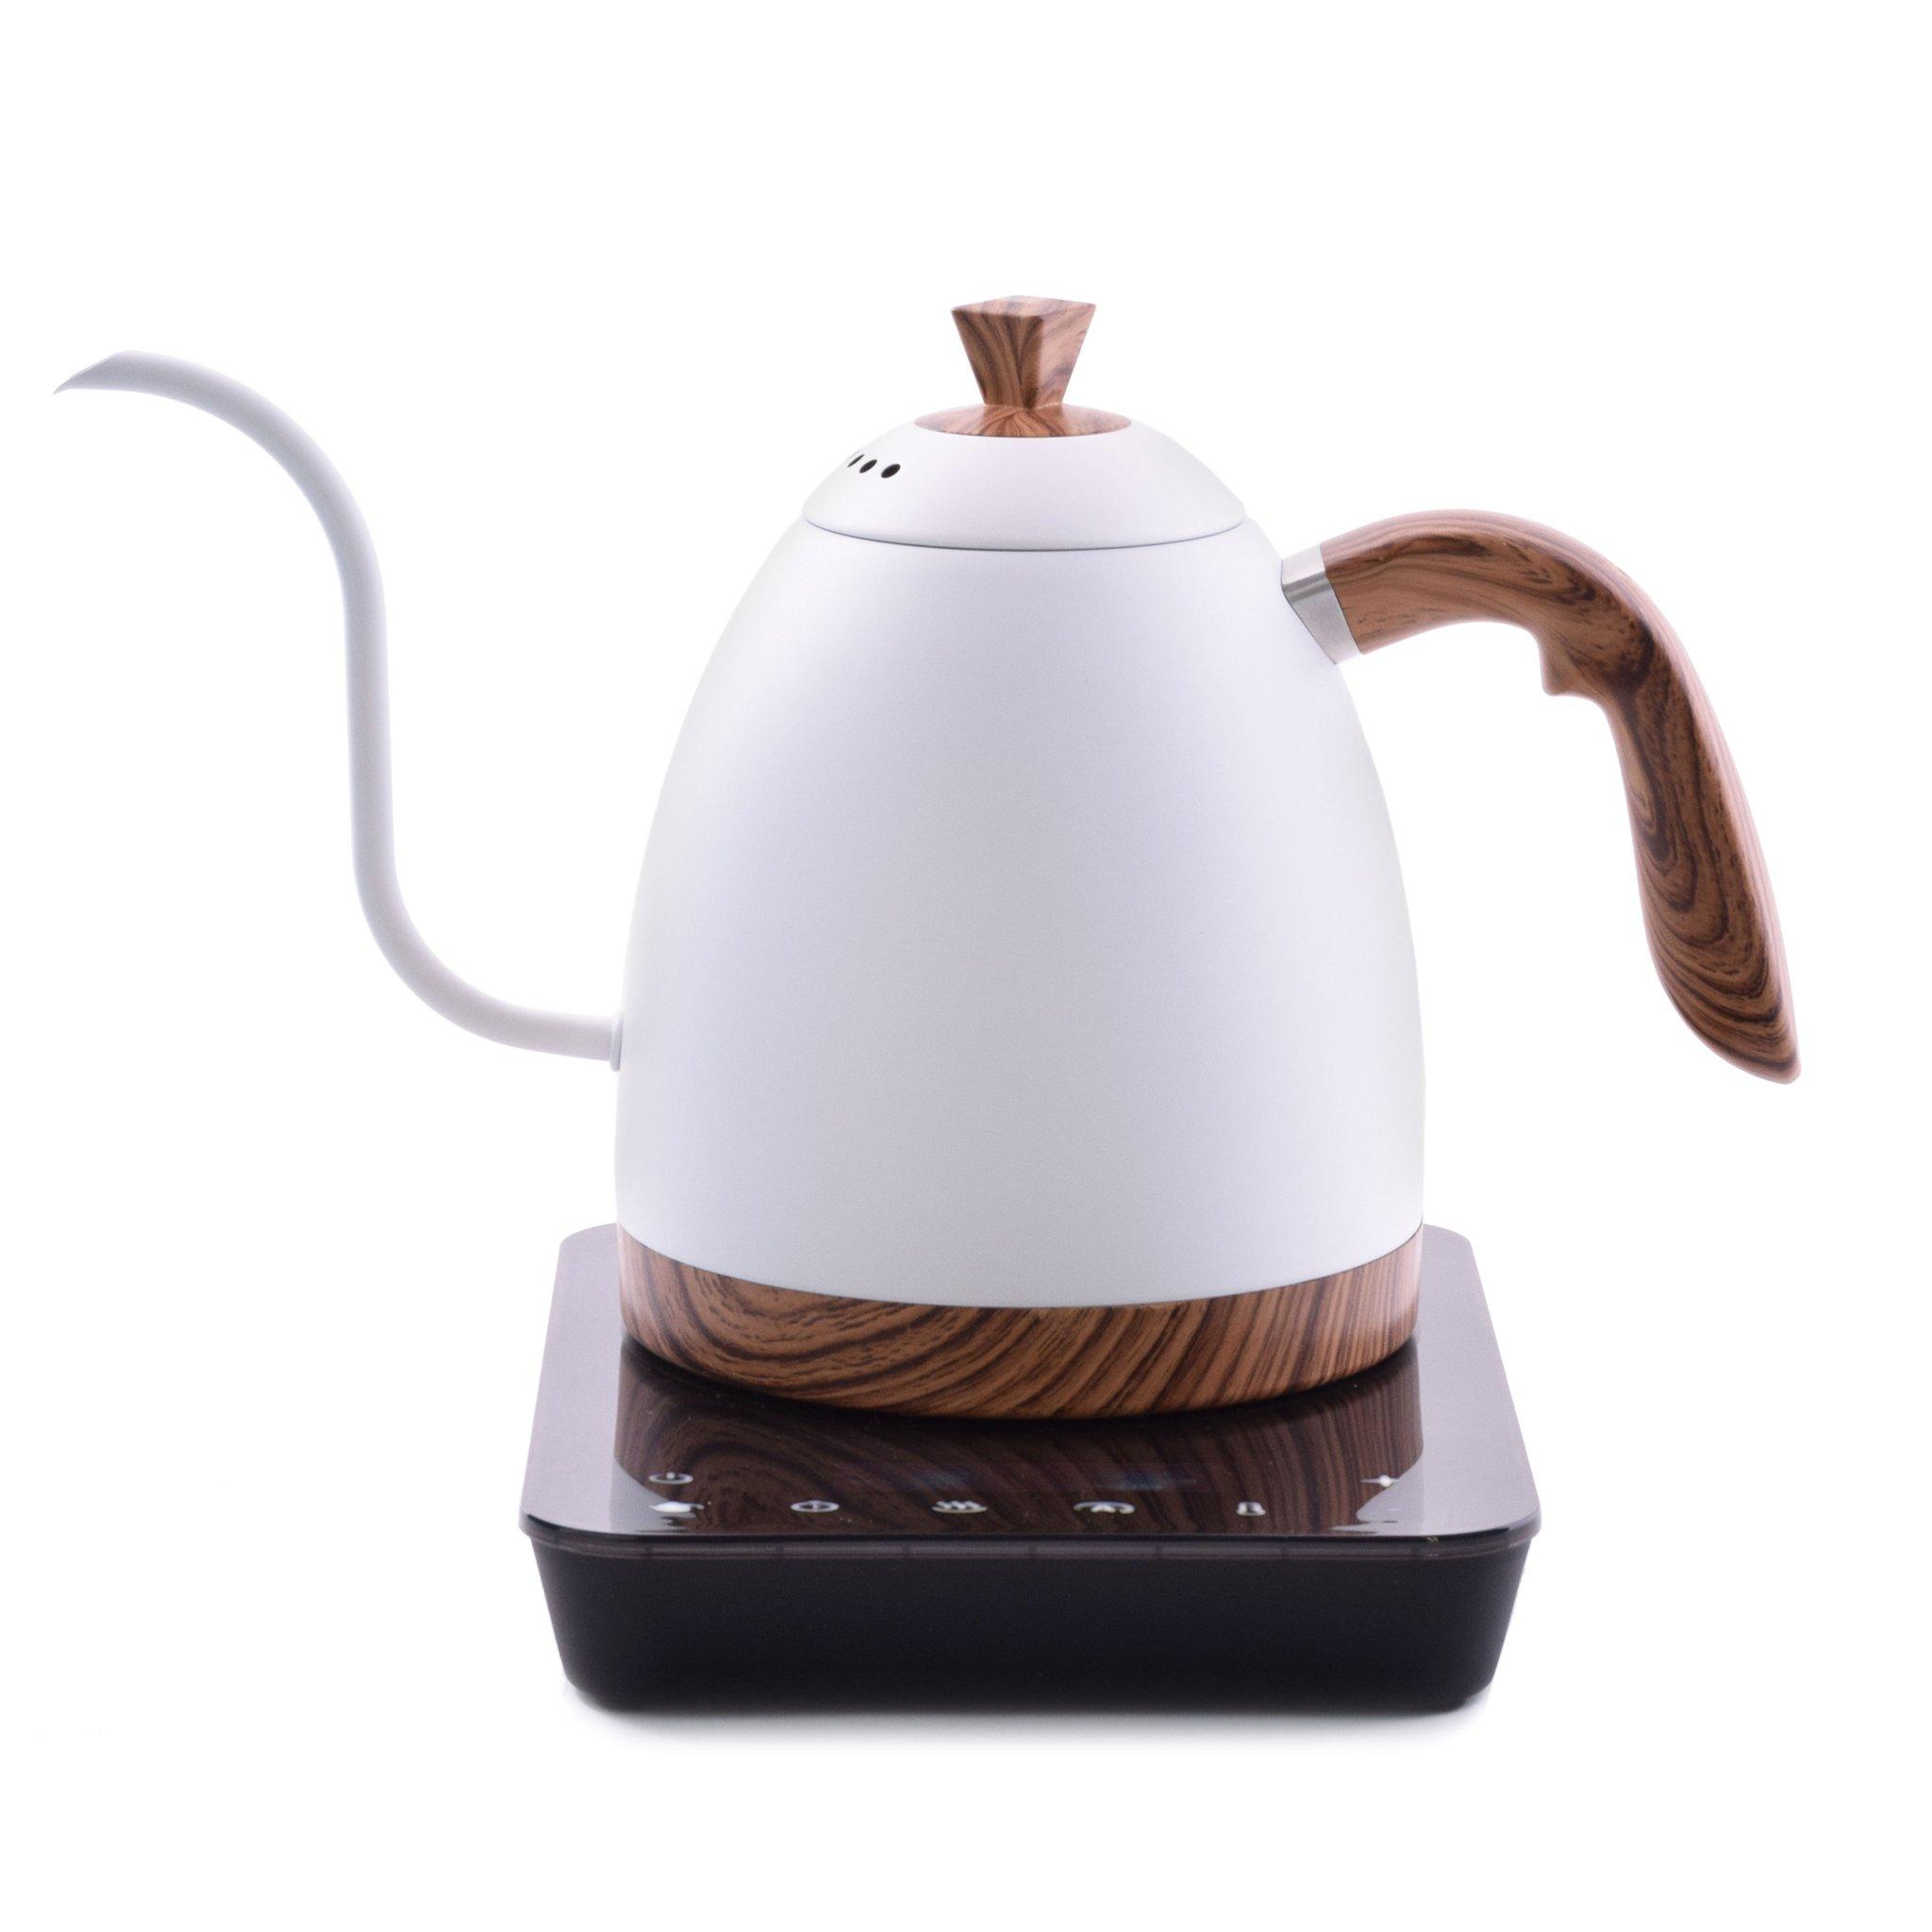 Brewista® Artisan™ Variable Temperature Kettle - 900ml - Gen 2 White